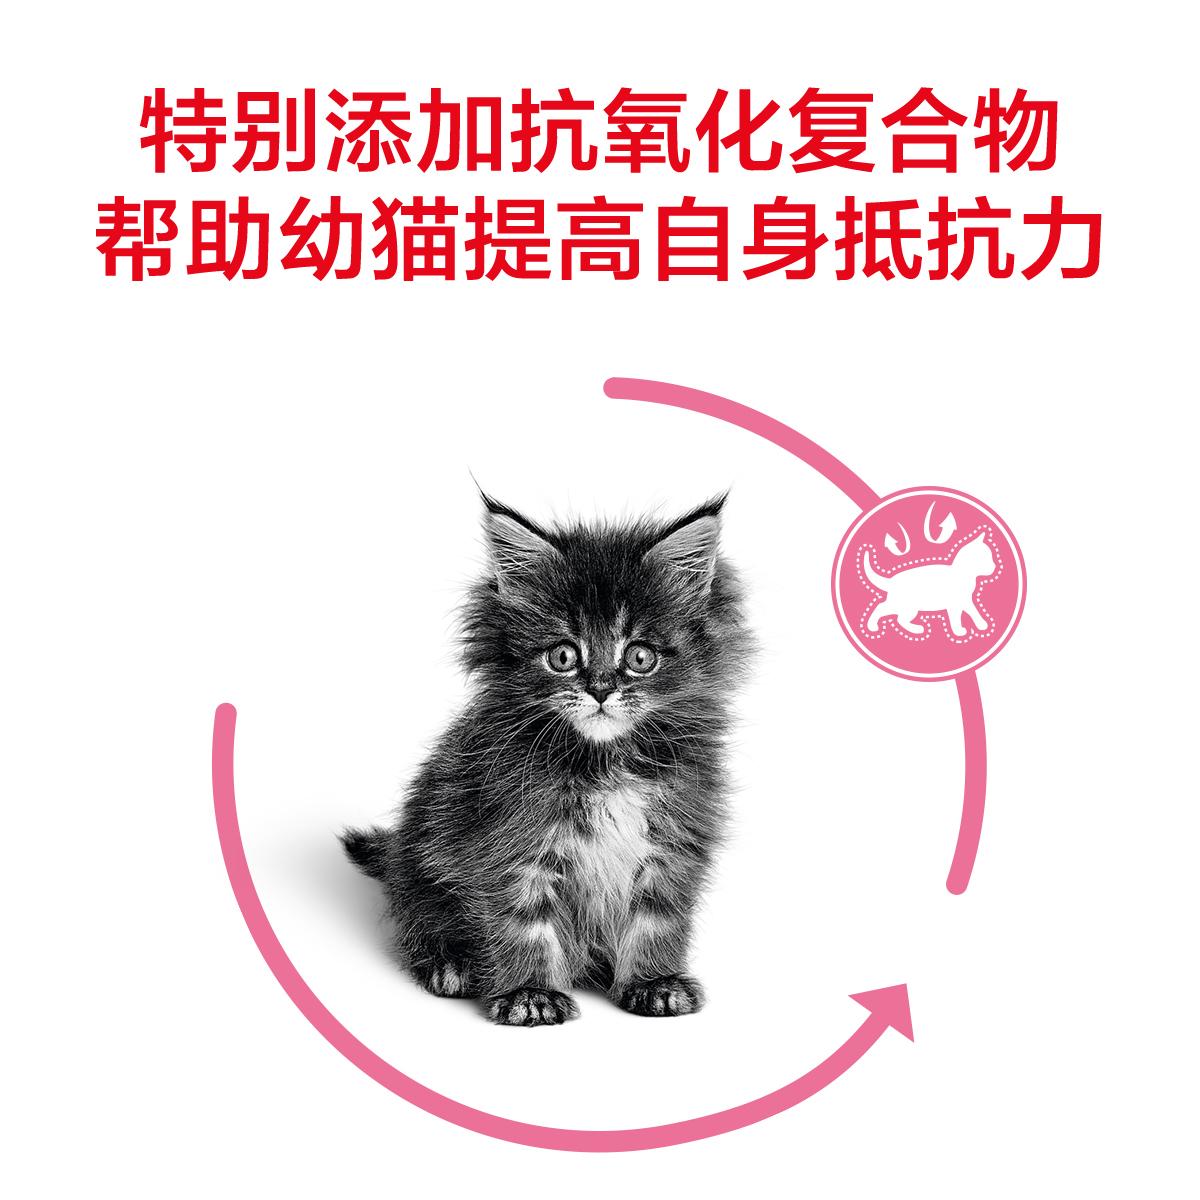 皇家k36皇家幼猫猫粮10公斤猫粮猫咪英怀孕宠物猫美短英短猫10KG优惠券